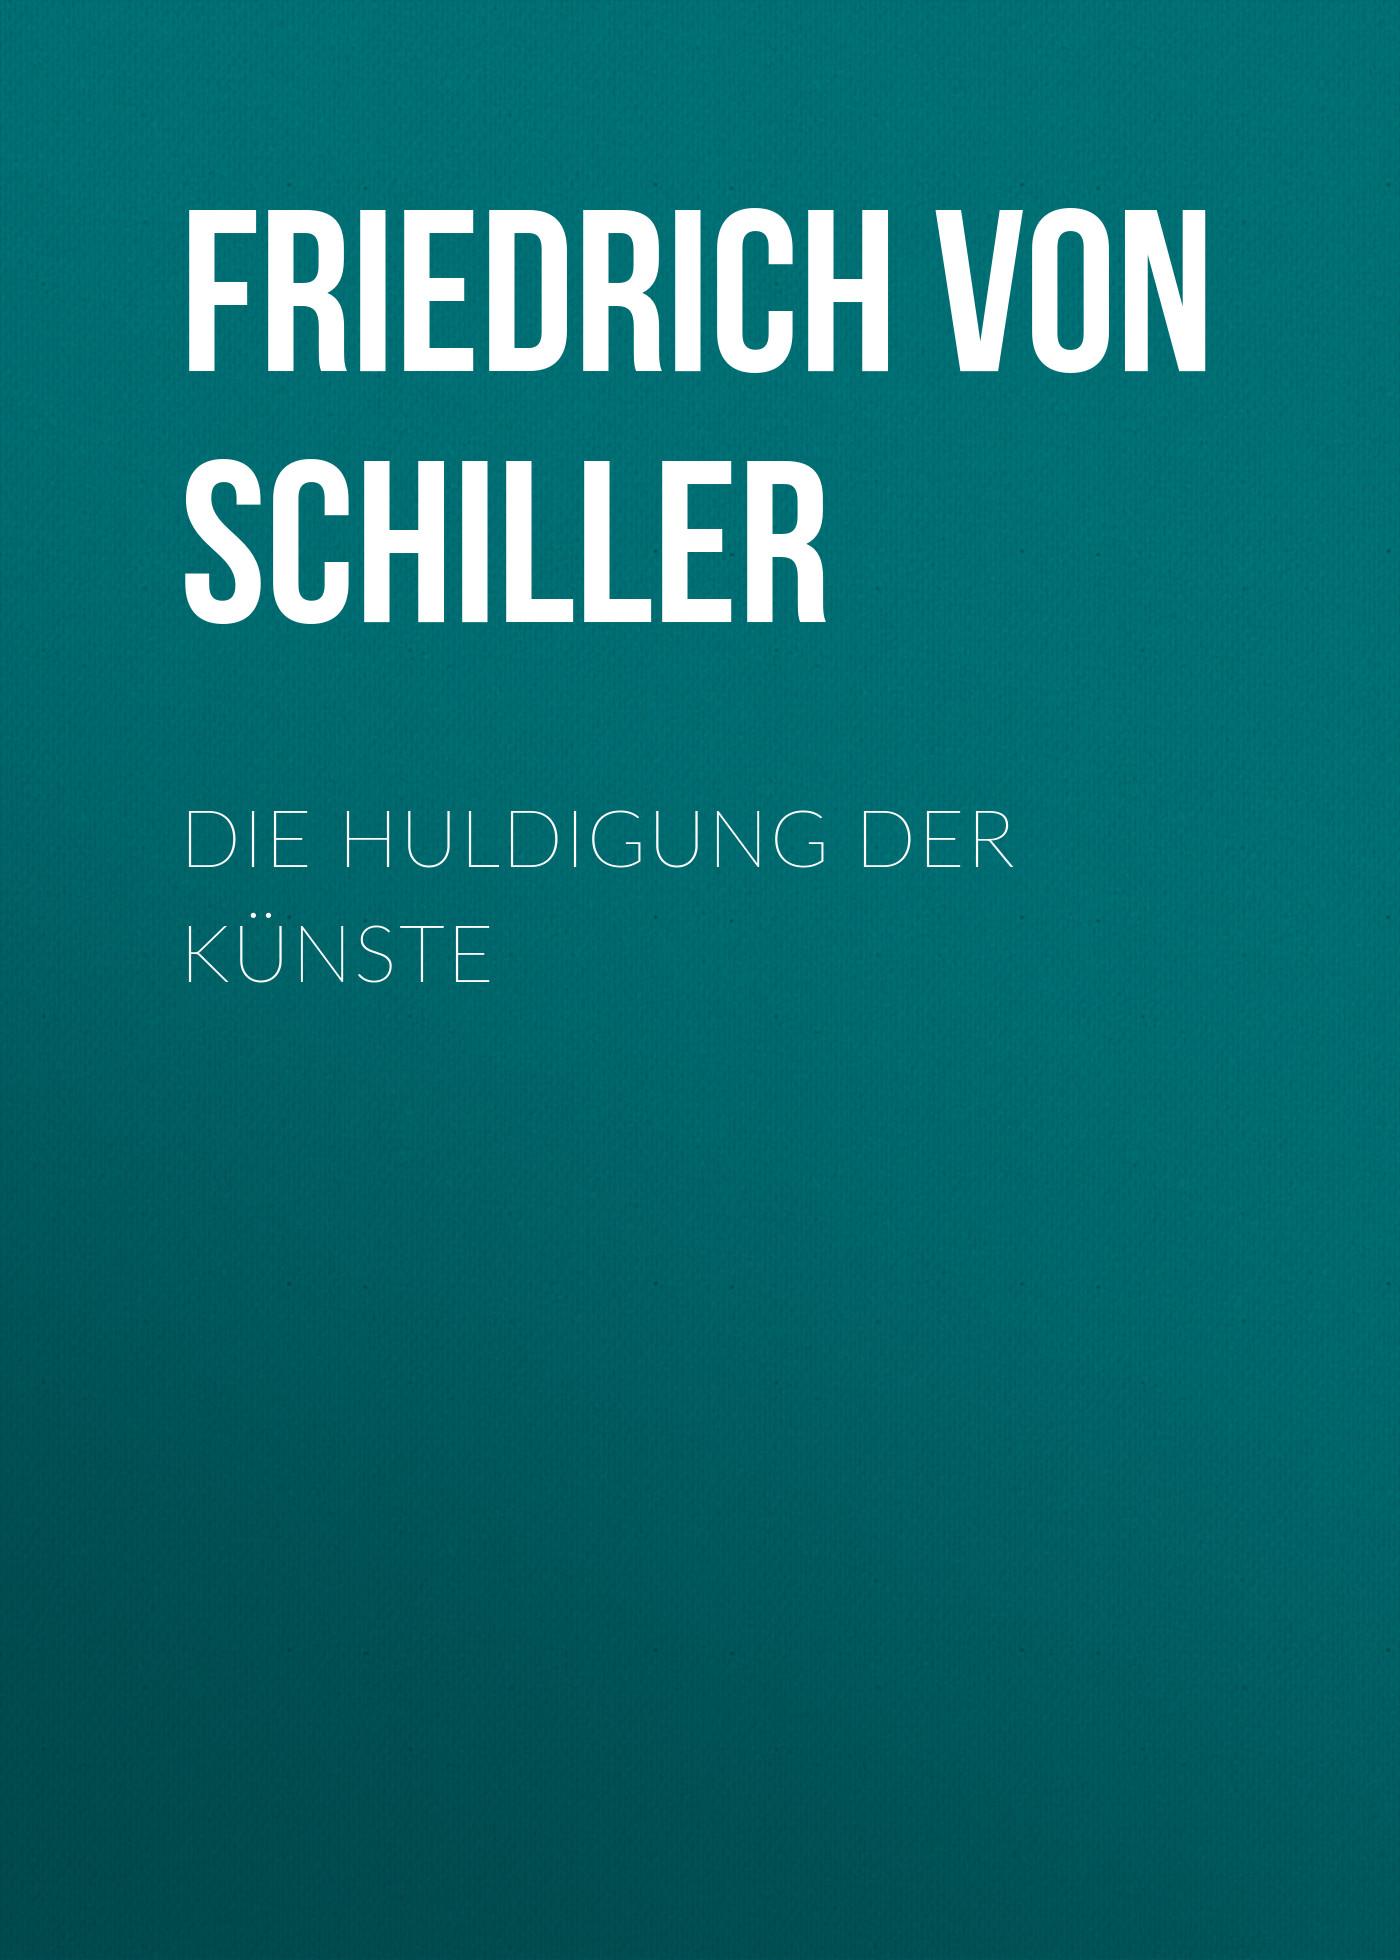 Friedrich von Schiller Die Huldigung der Künste schiller f die rauber niveau 3 b1 cd isbn 9788853620286